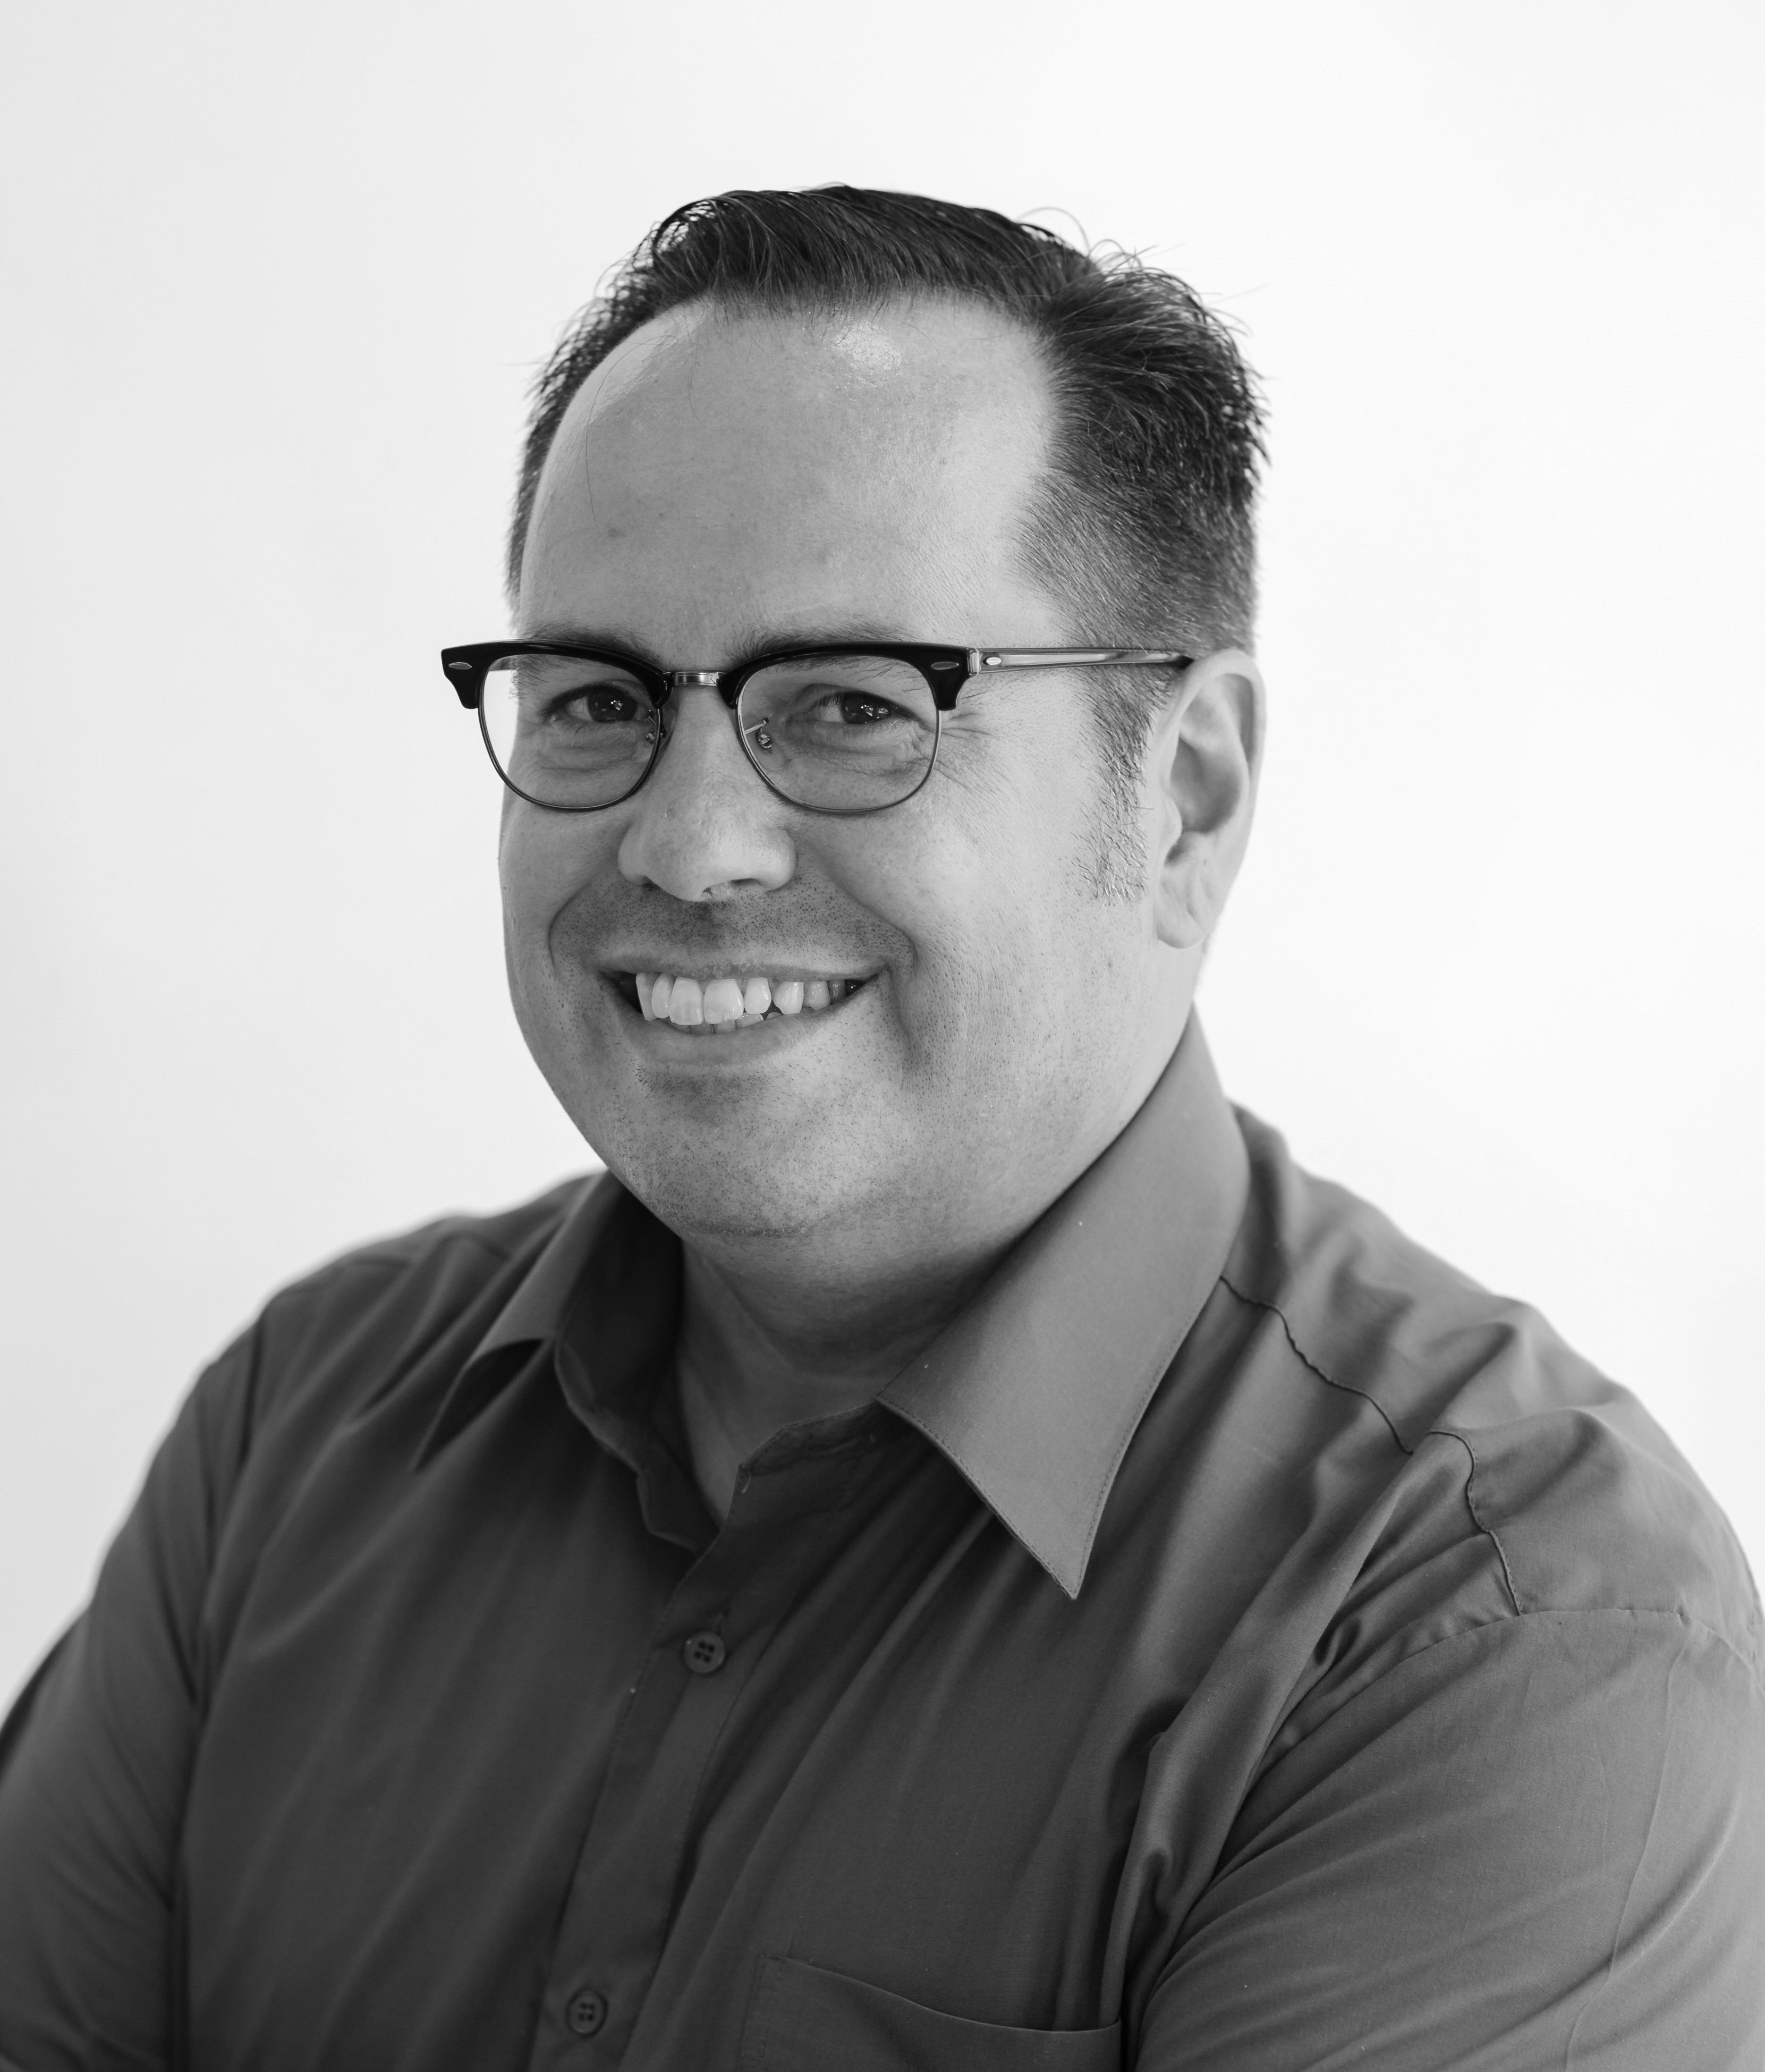 Drew Gamet, Director